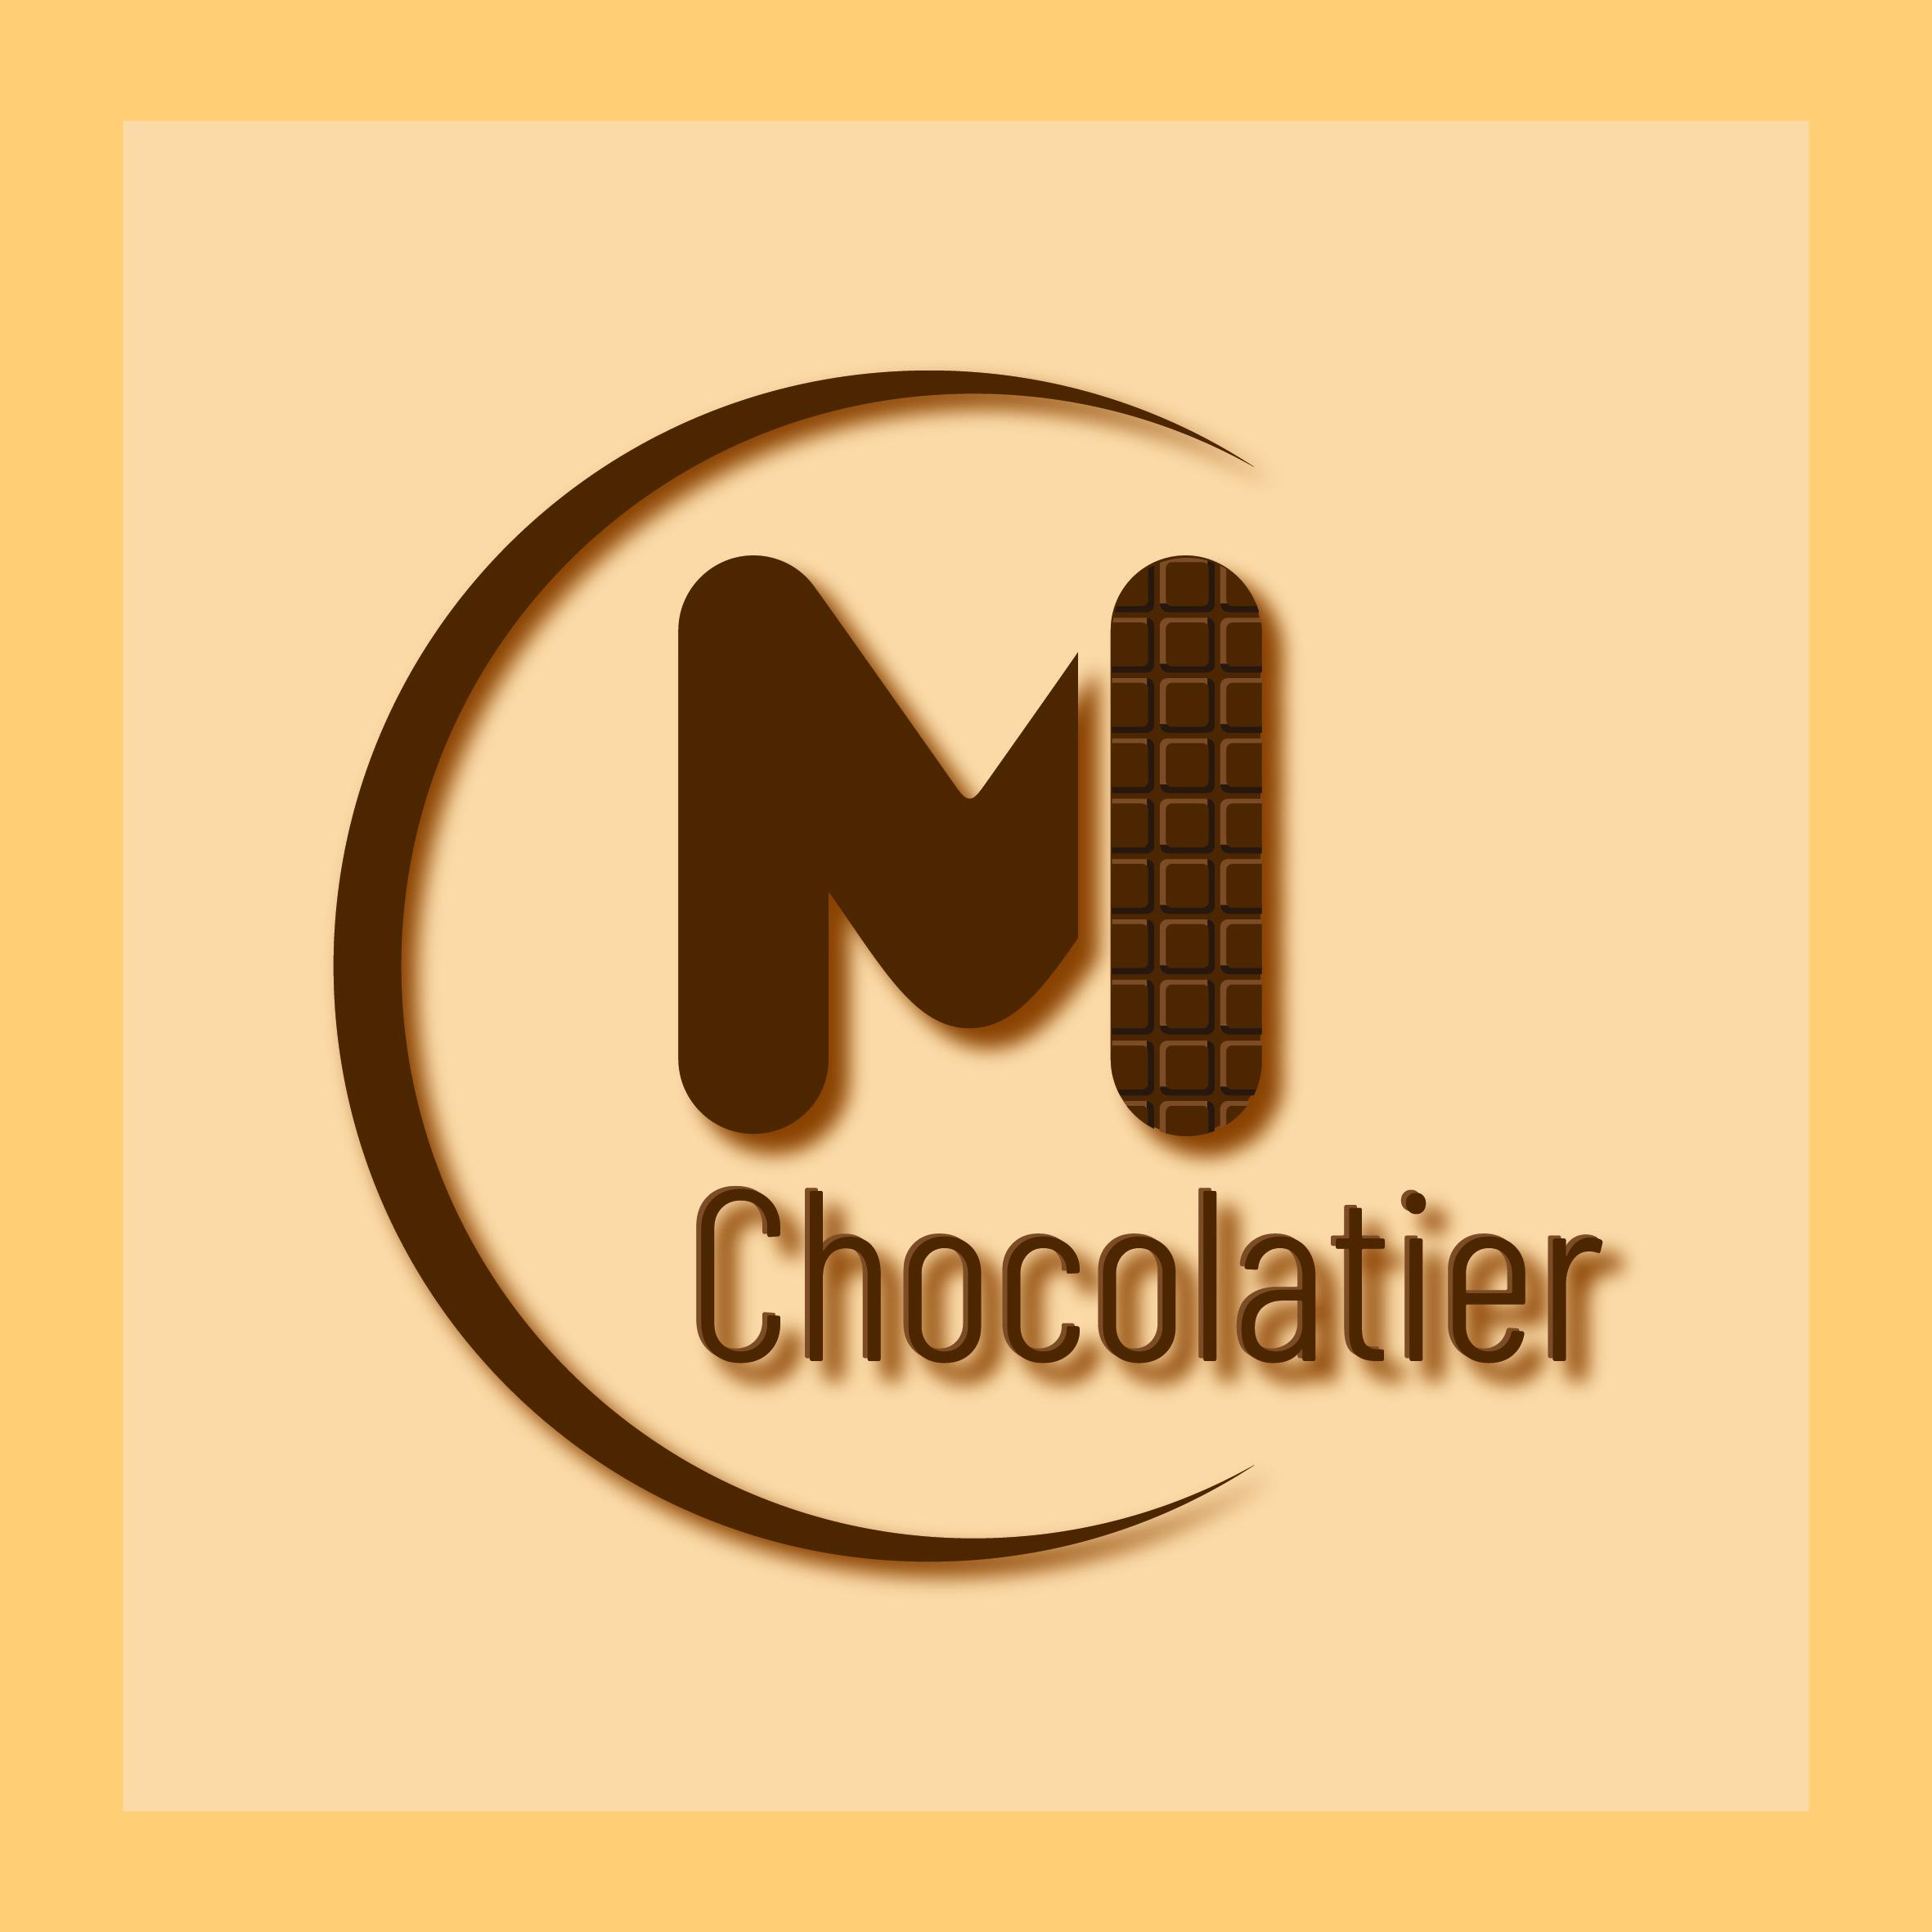 MChocolatier logo.jpg